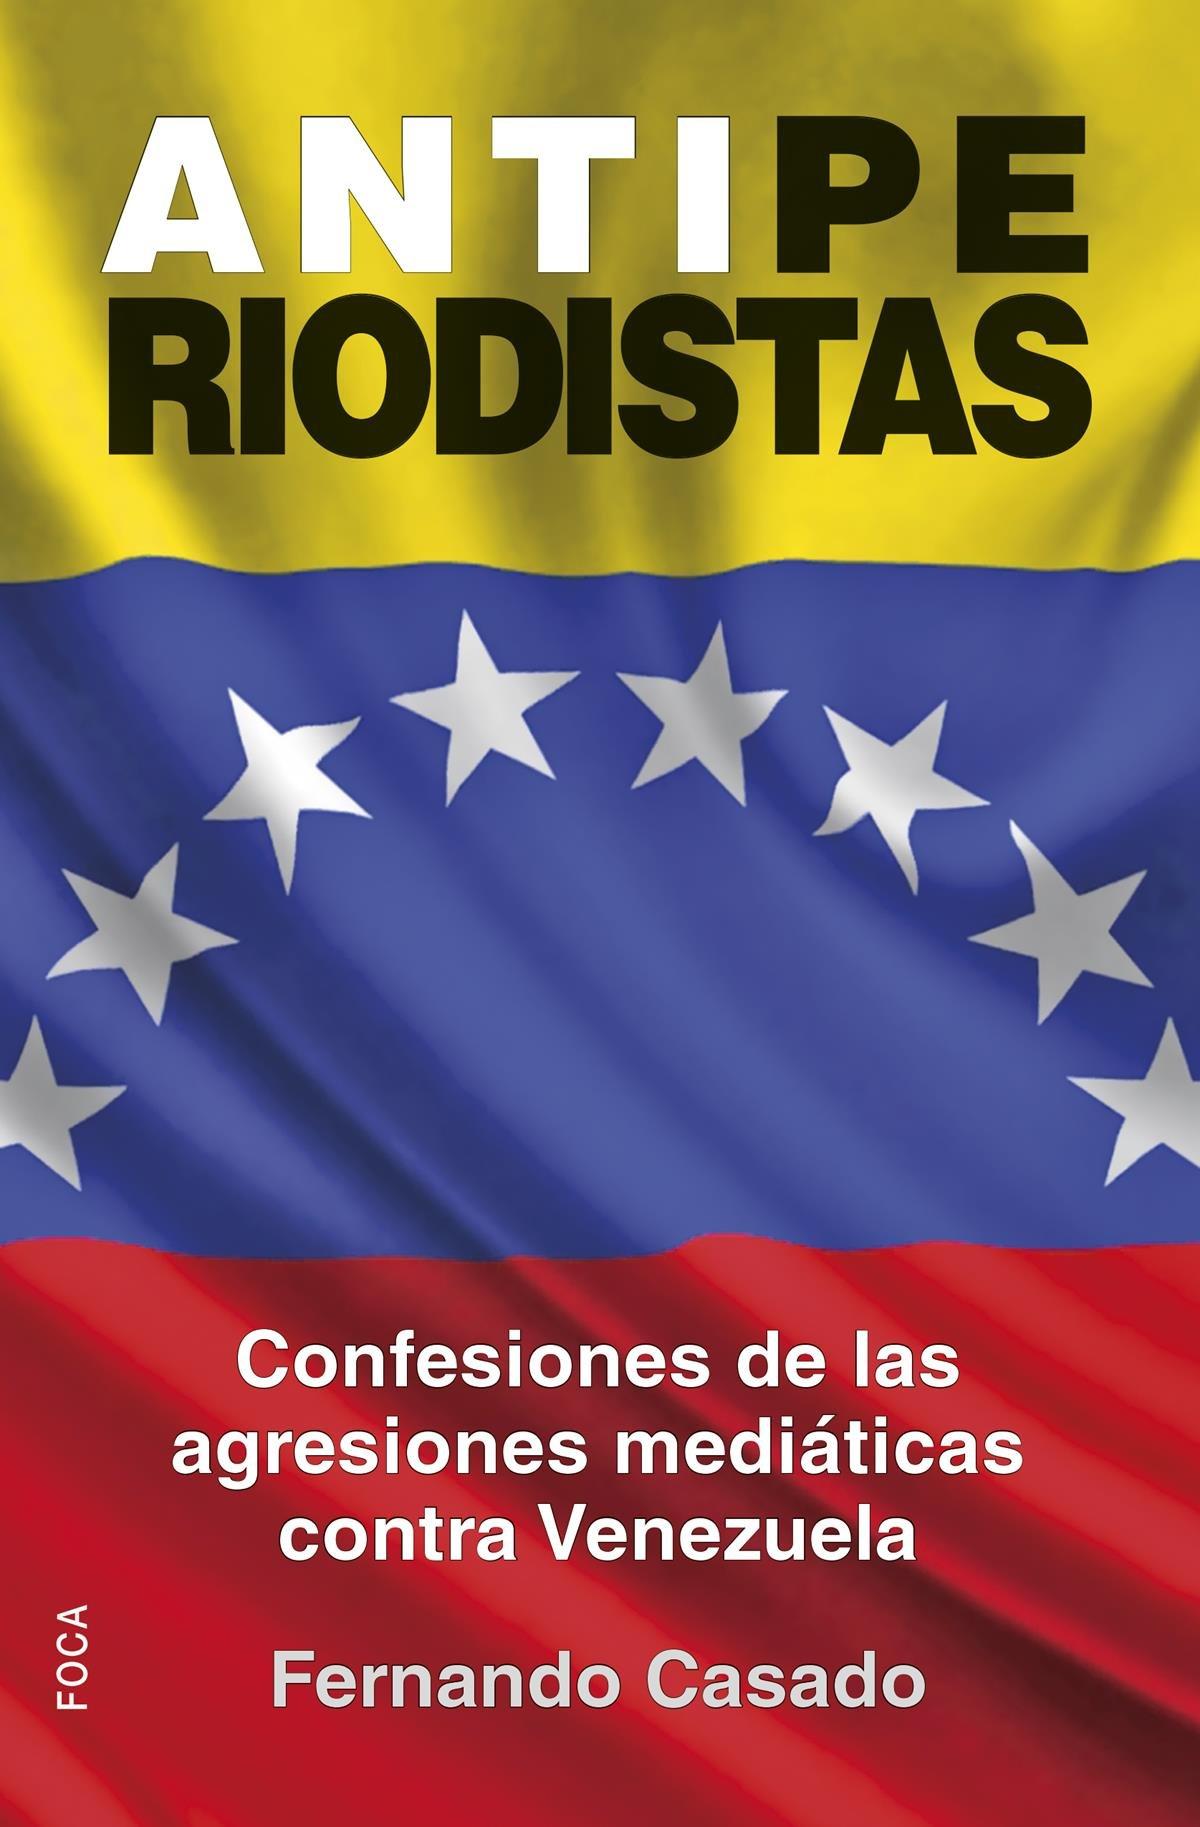 Antiperiodistas: Confesiones de las agresiones mediáticas contra Venezuela Investigación: Amazon.es: Fernando Casado Gutiérrez: Libros